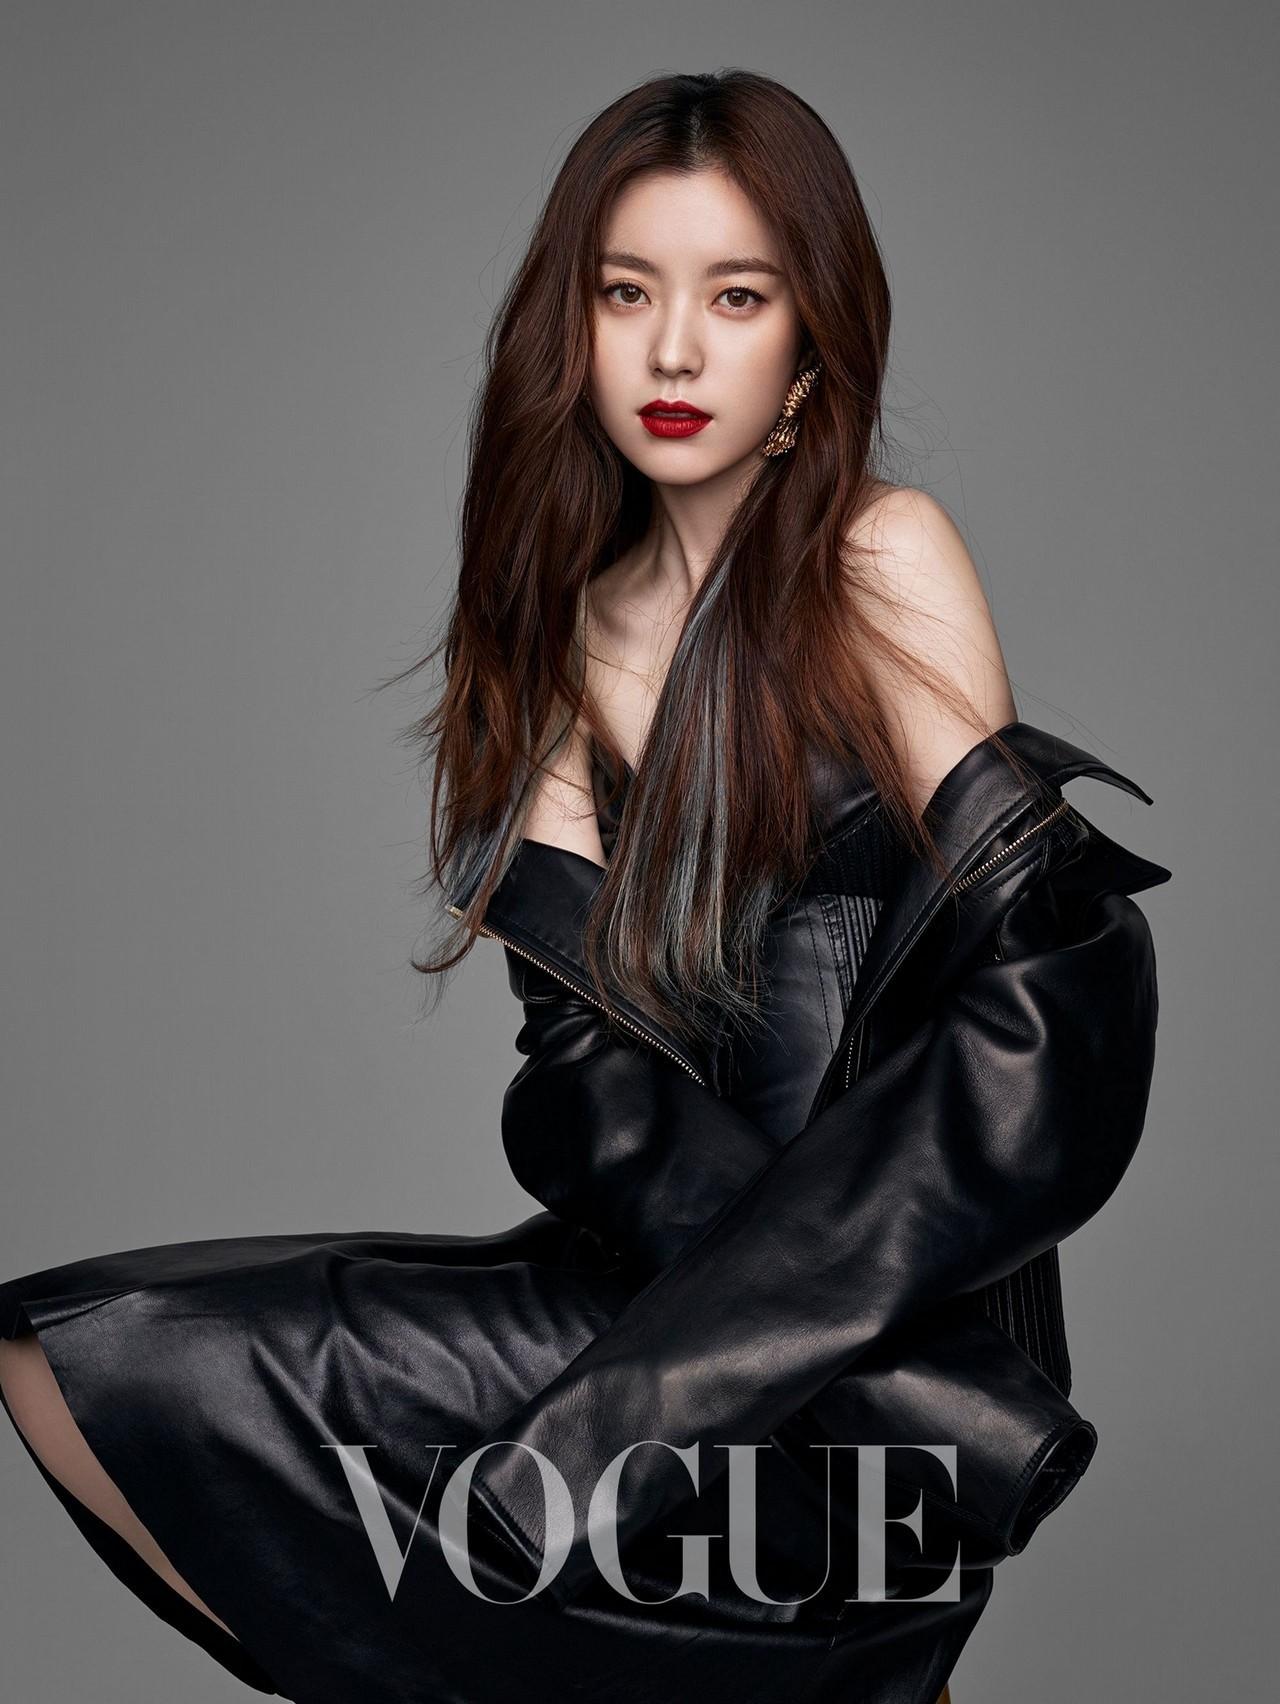 Cặp đôi thánh sống Kang Dong Won và Han Hyo Joo: Khi người thừa kế đời thực và nữ thần đều dính bê bối chấn động - Ảnh 37.